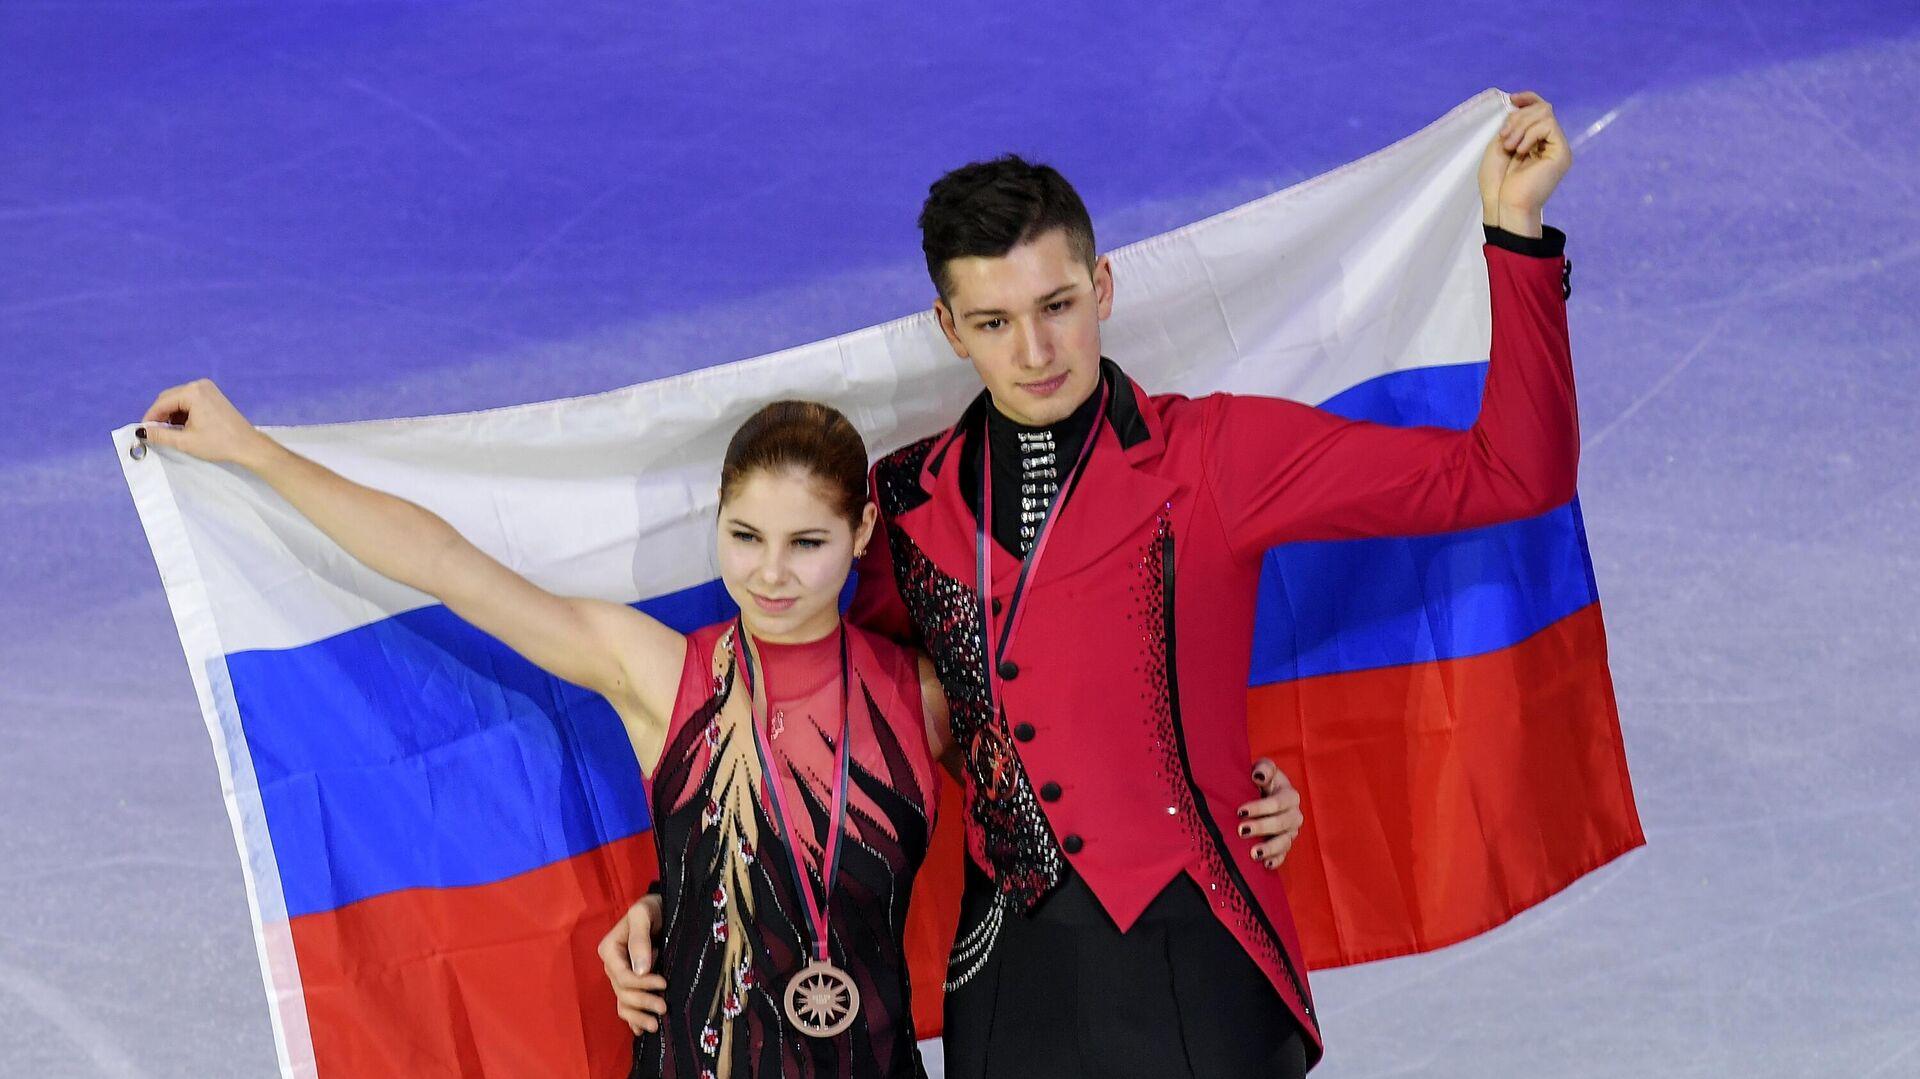 Анастасия Мишина и Александр Галлямов - РИА Новости, 1920, 08.10.2020